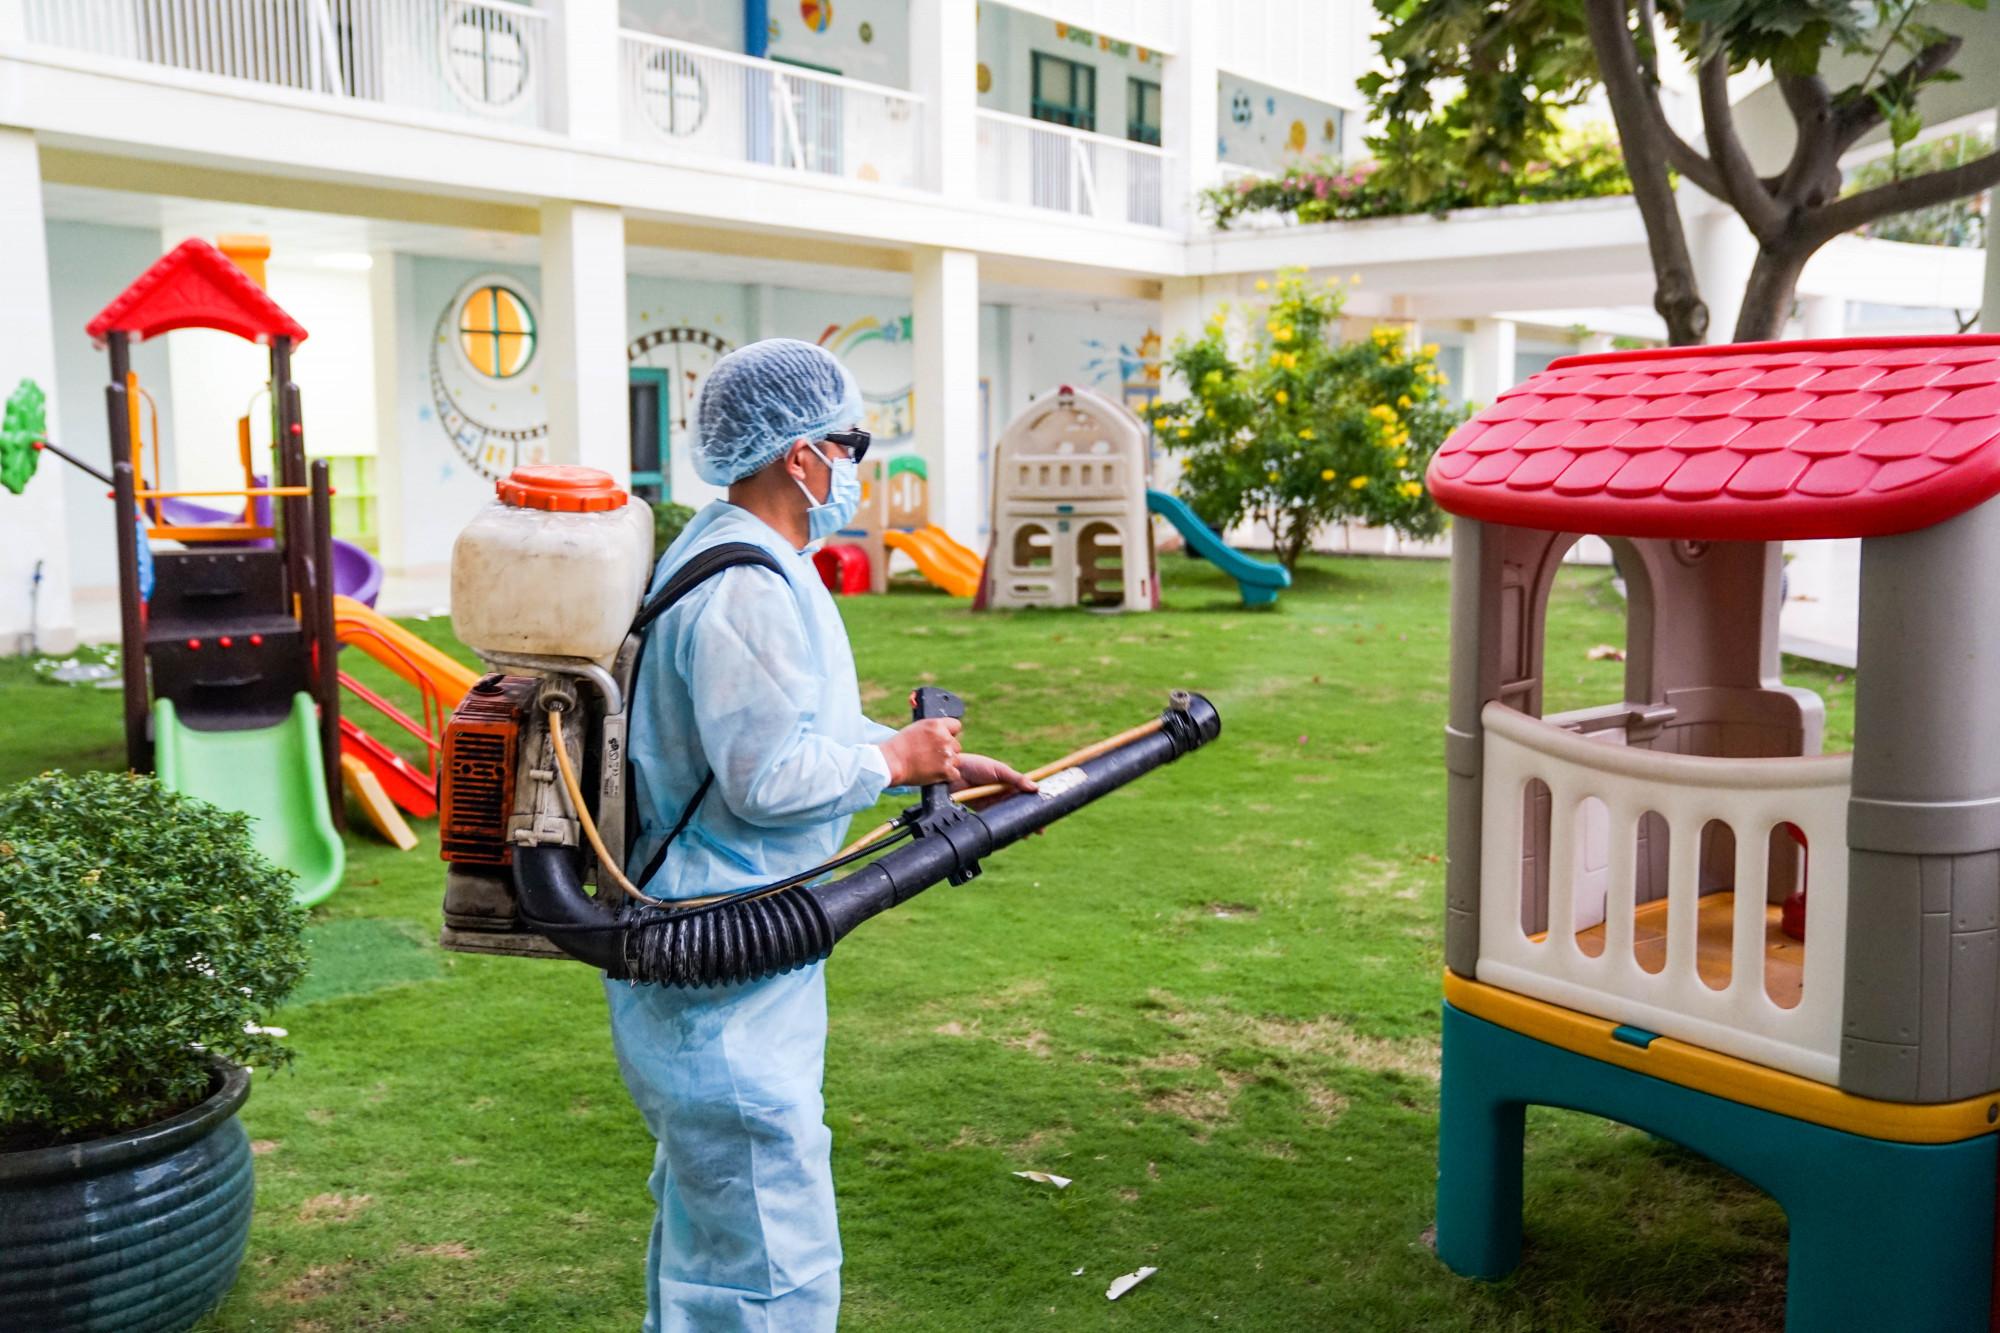 Các trường tại TP.HCM đã chuẩn bị kỹ việc sát trùng, khử khuẩn trường lớp - Ảnh: Thanh Thanh